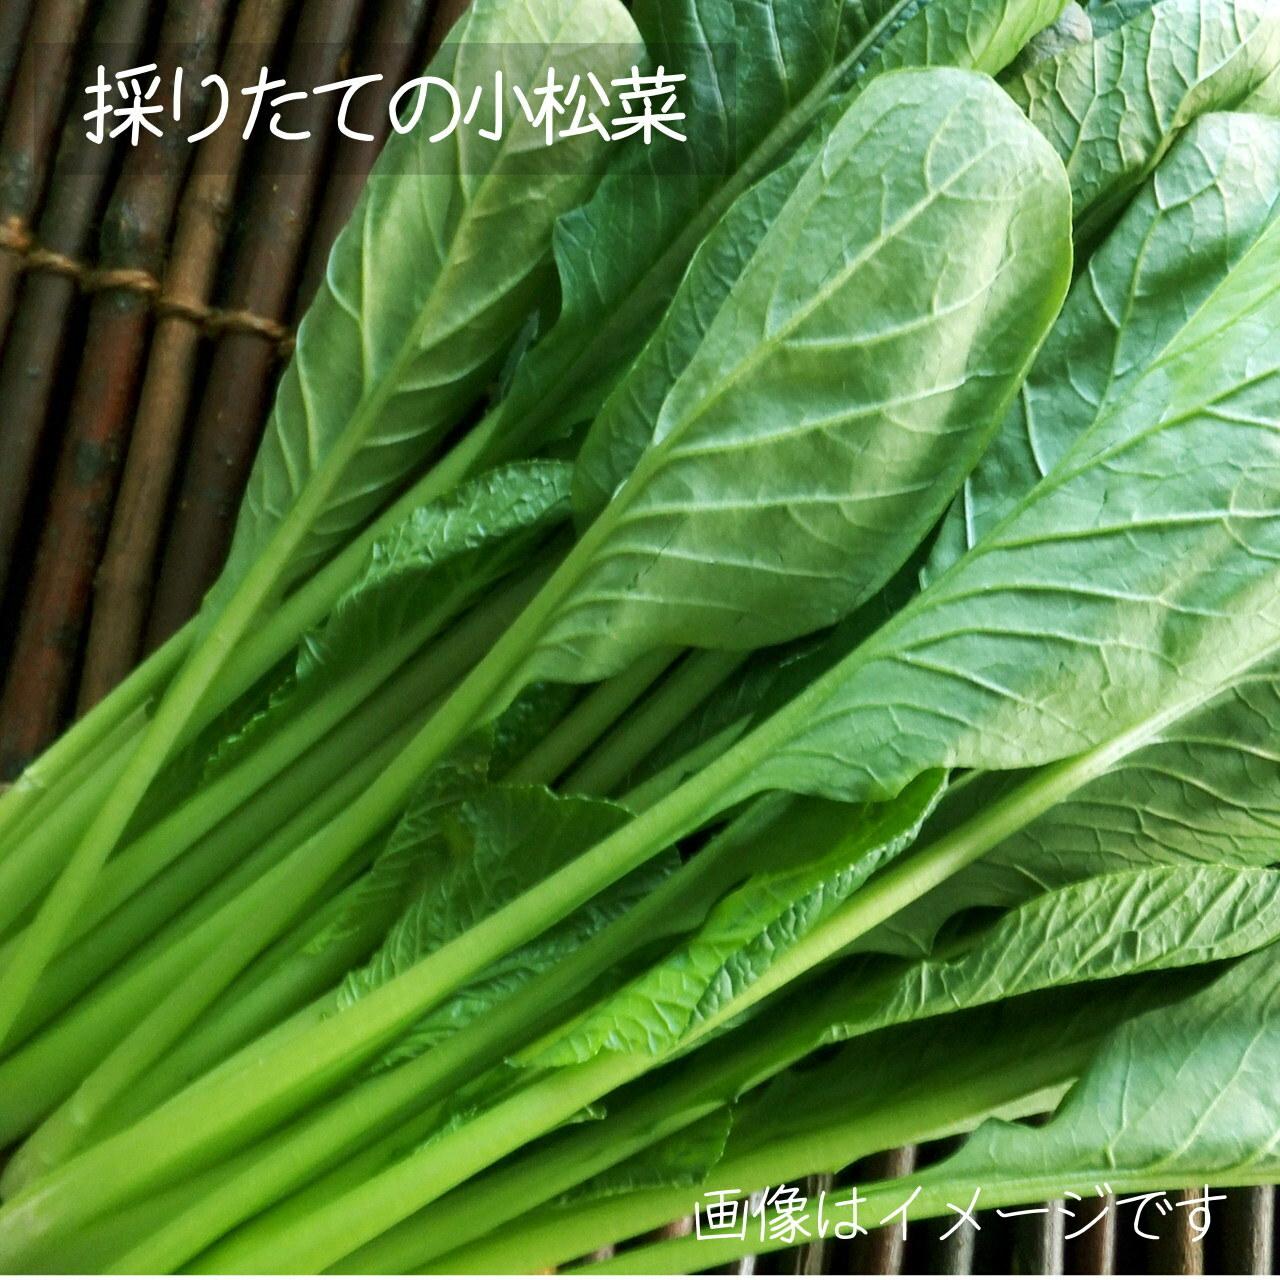 春の新鮮野菜 小松菜 約200g : 5月の朝採り直売野菜 5月30日発送予定